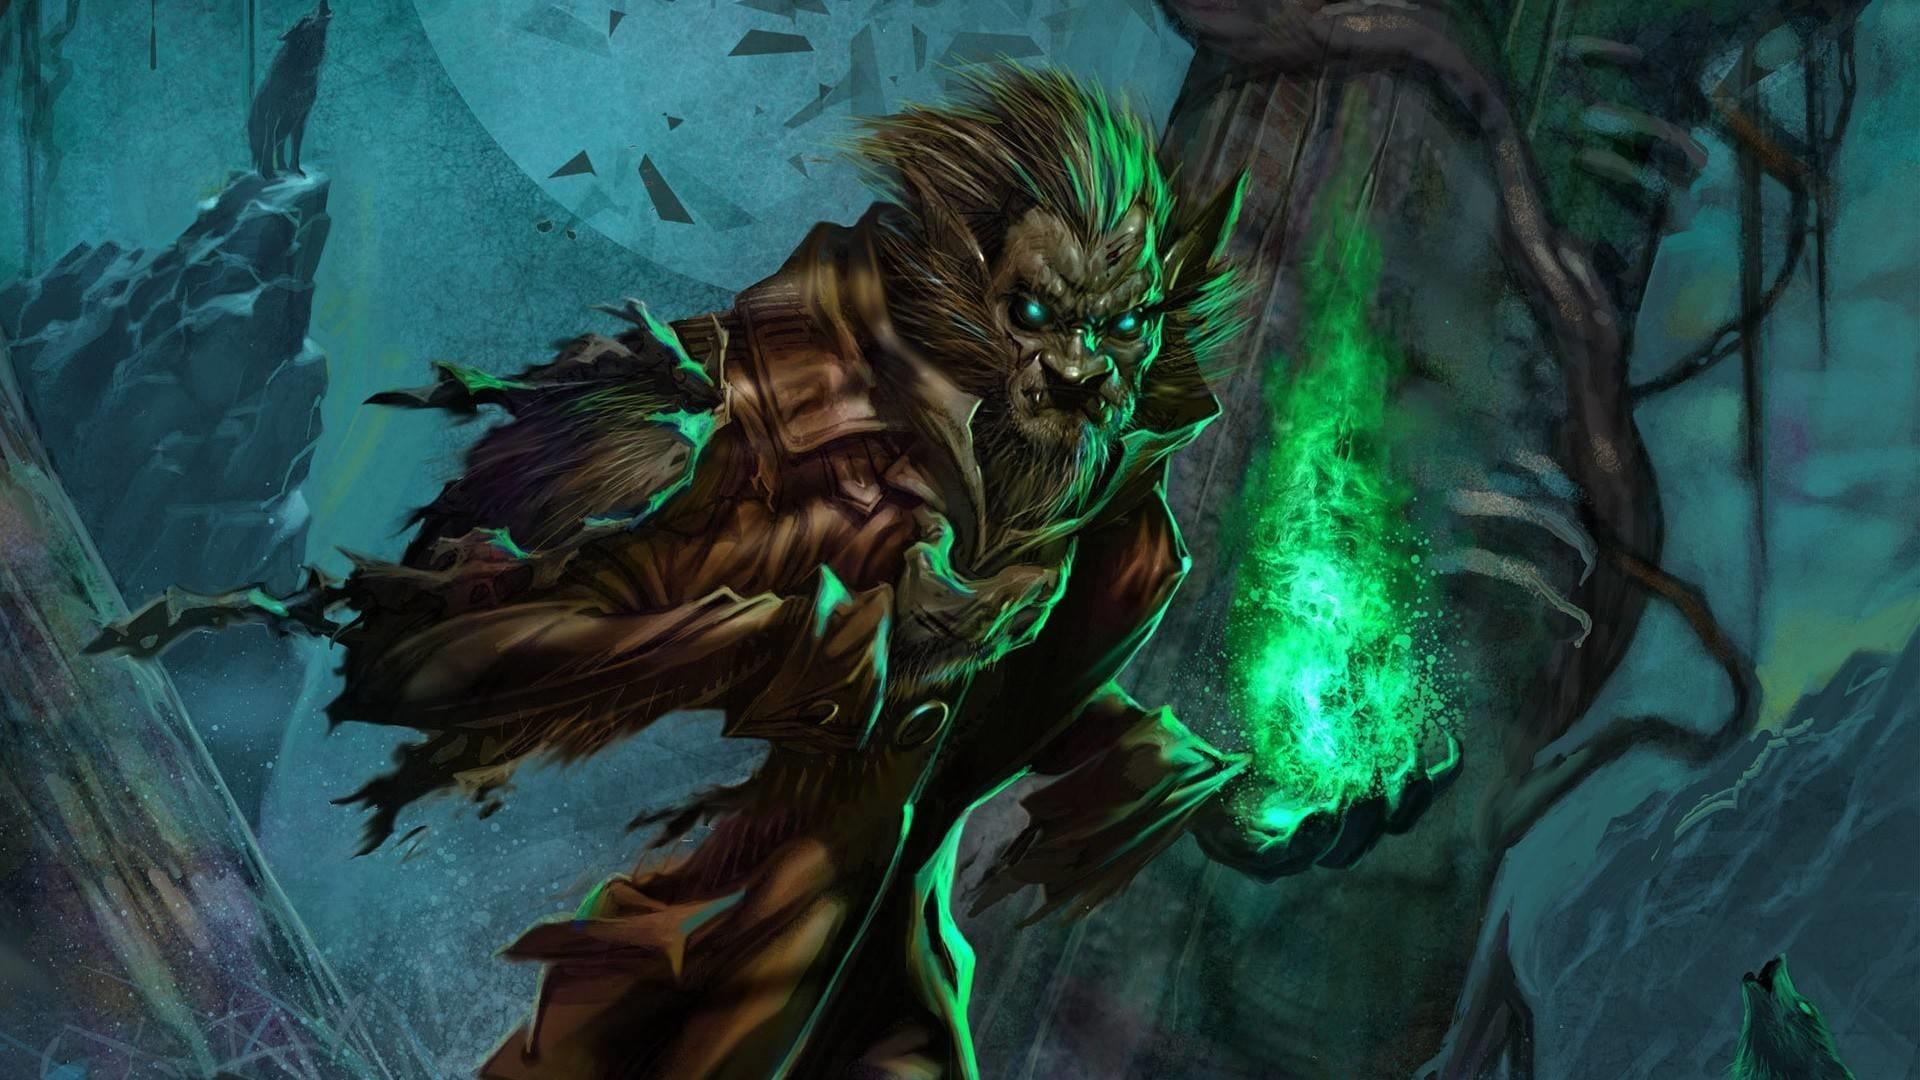 Werewolf best picture